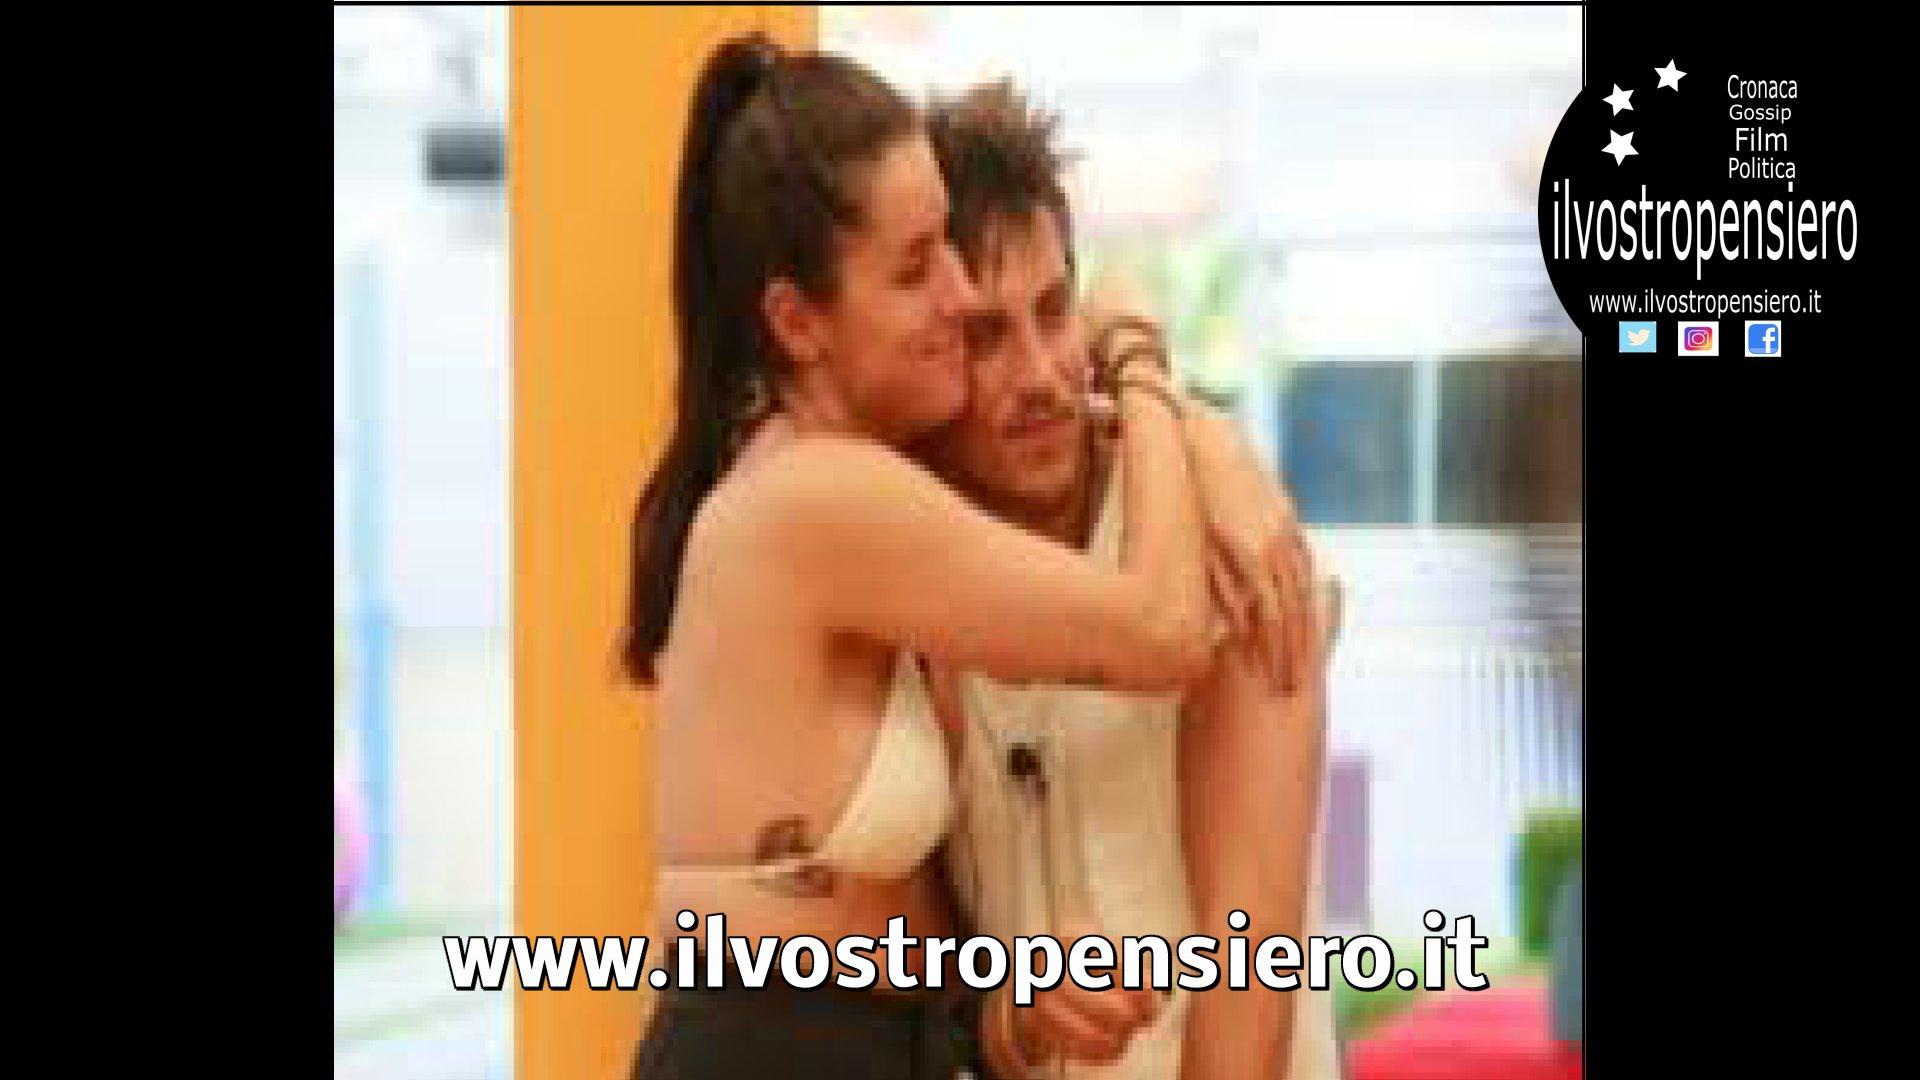 Grande fratello 16: Giochi pericolosi… tra Valentina e Daniele, guarda il video